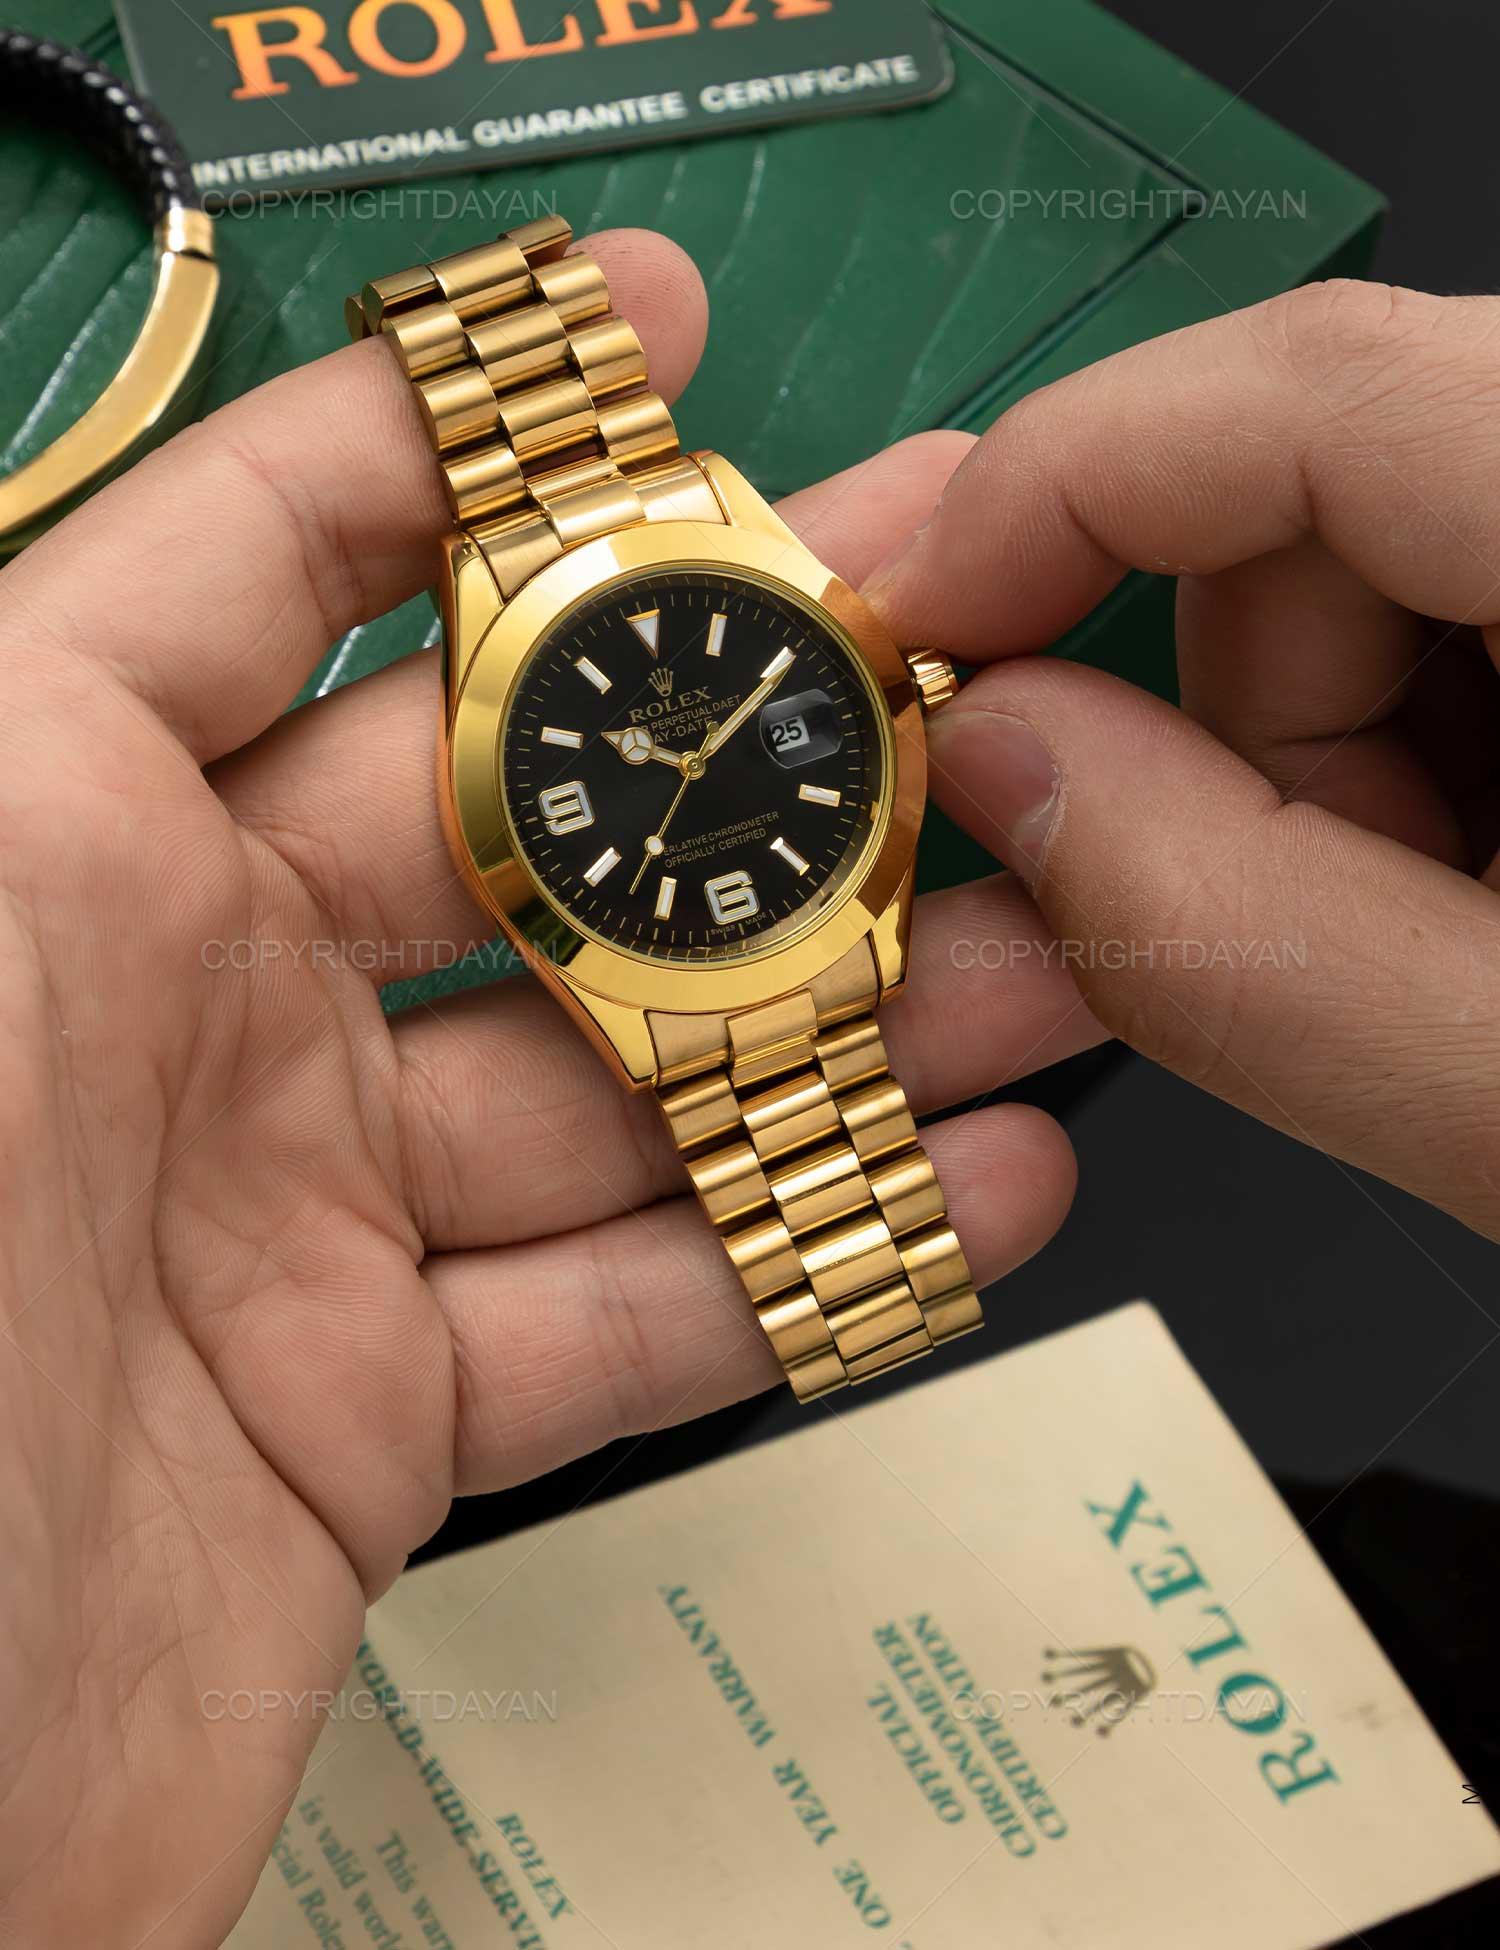 ساعت مچی مردانه Rolex مدل 21759